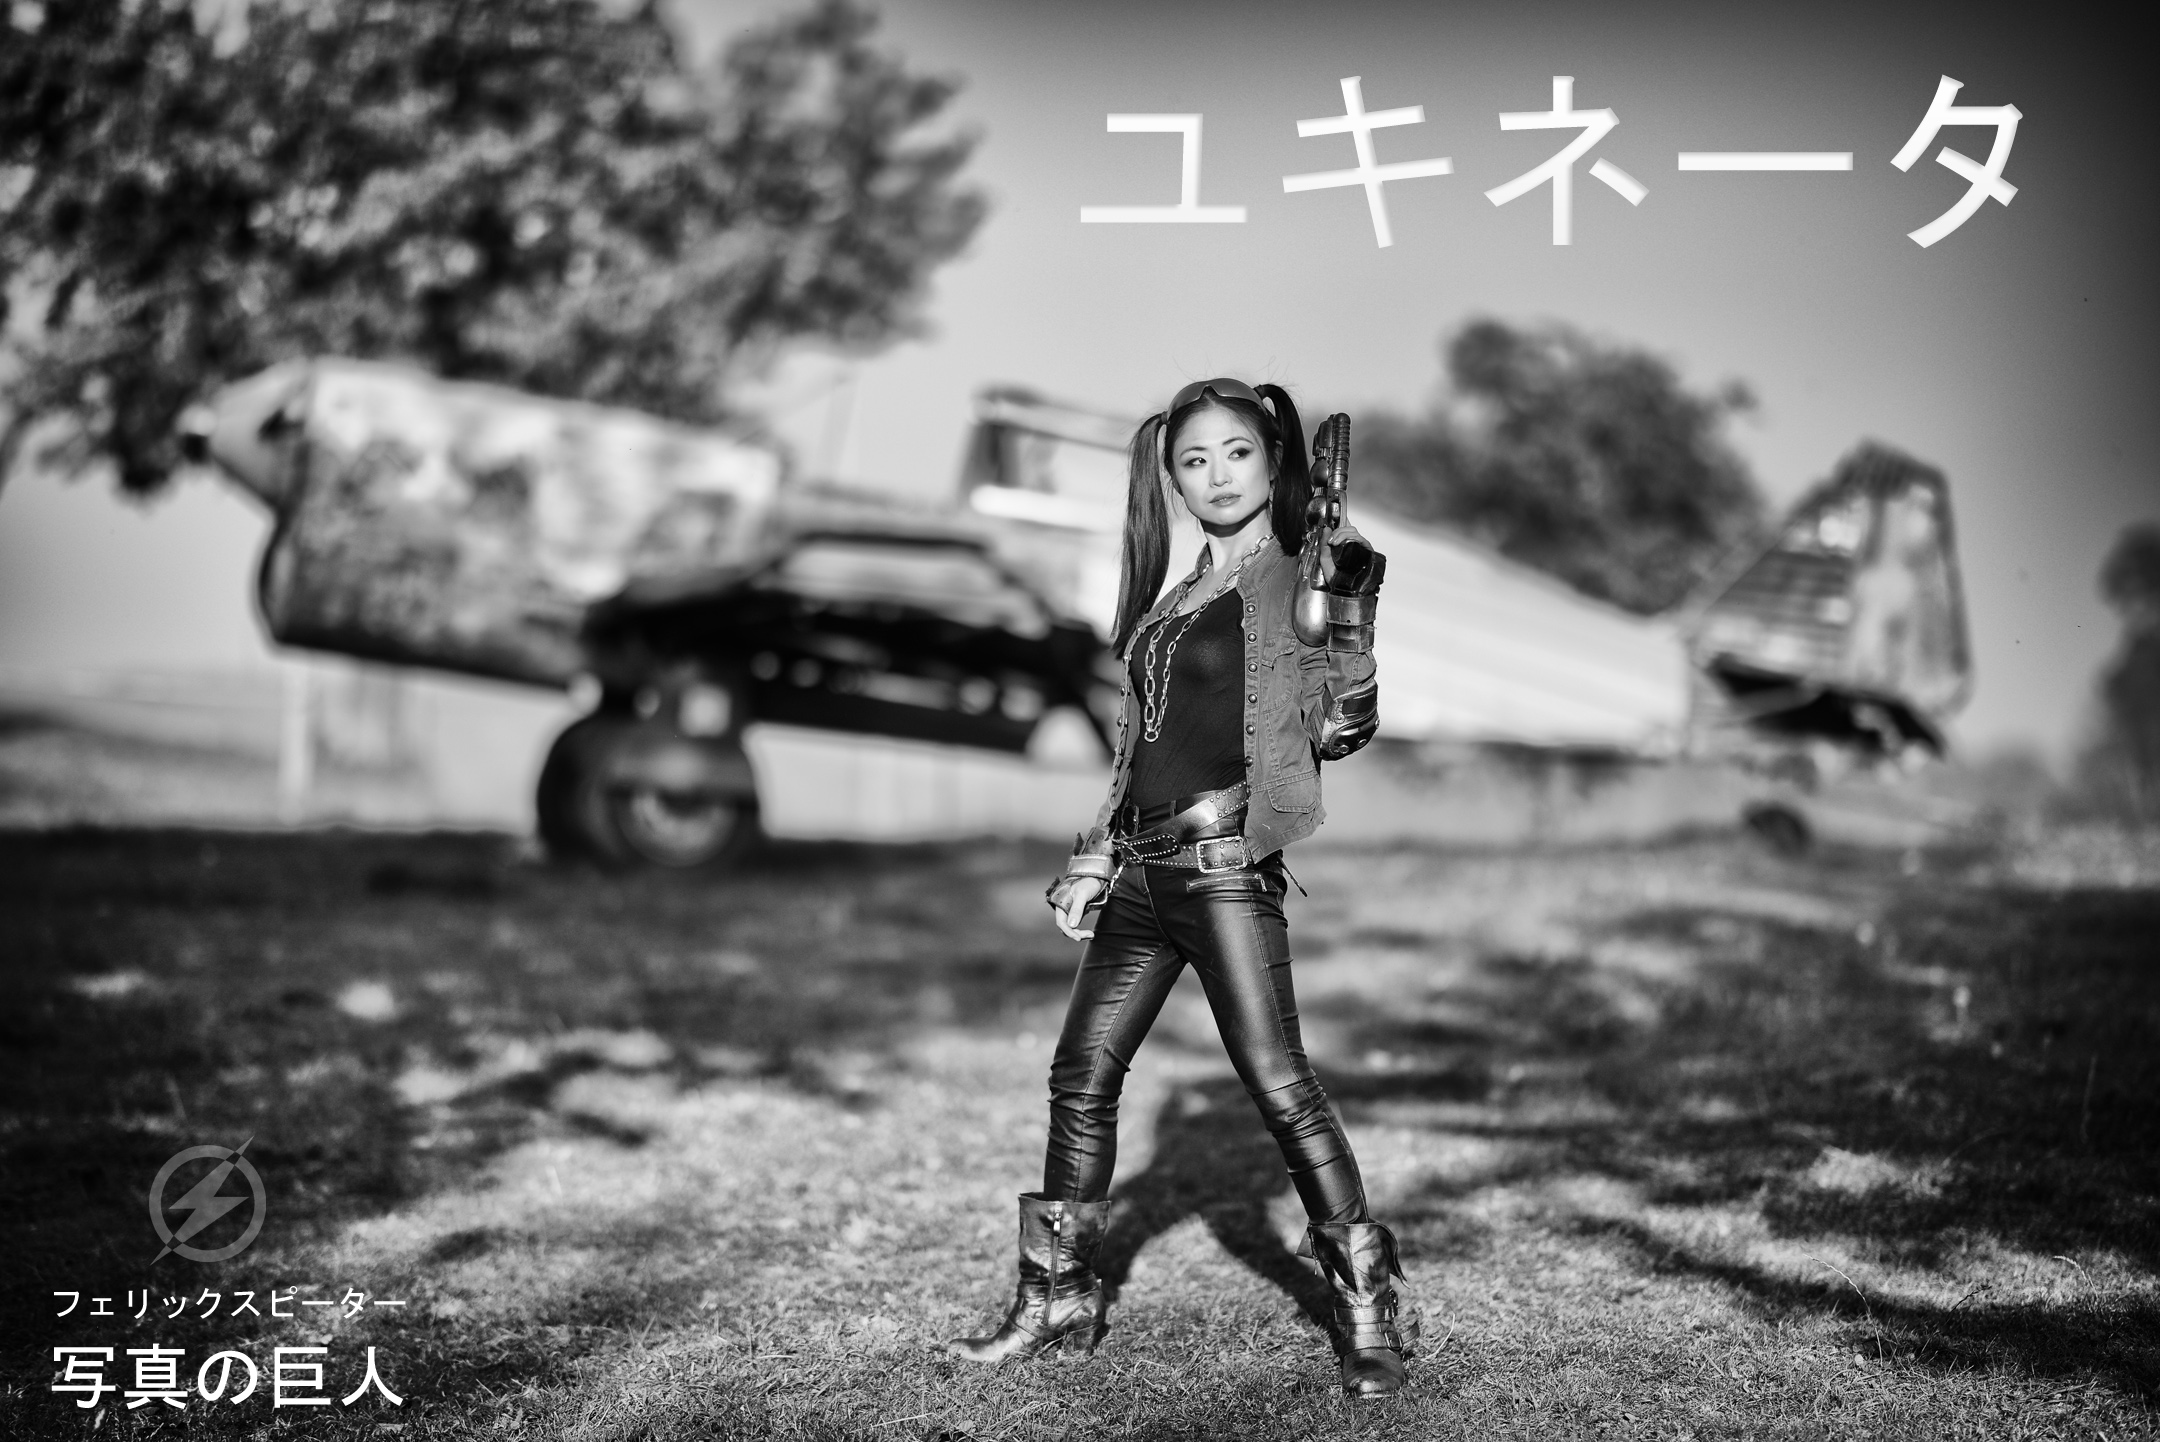 Japanese_Terminator_YuWi_FotoGigant_4.jpg